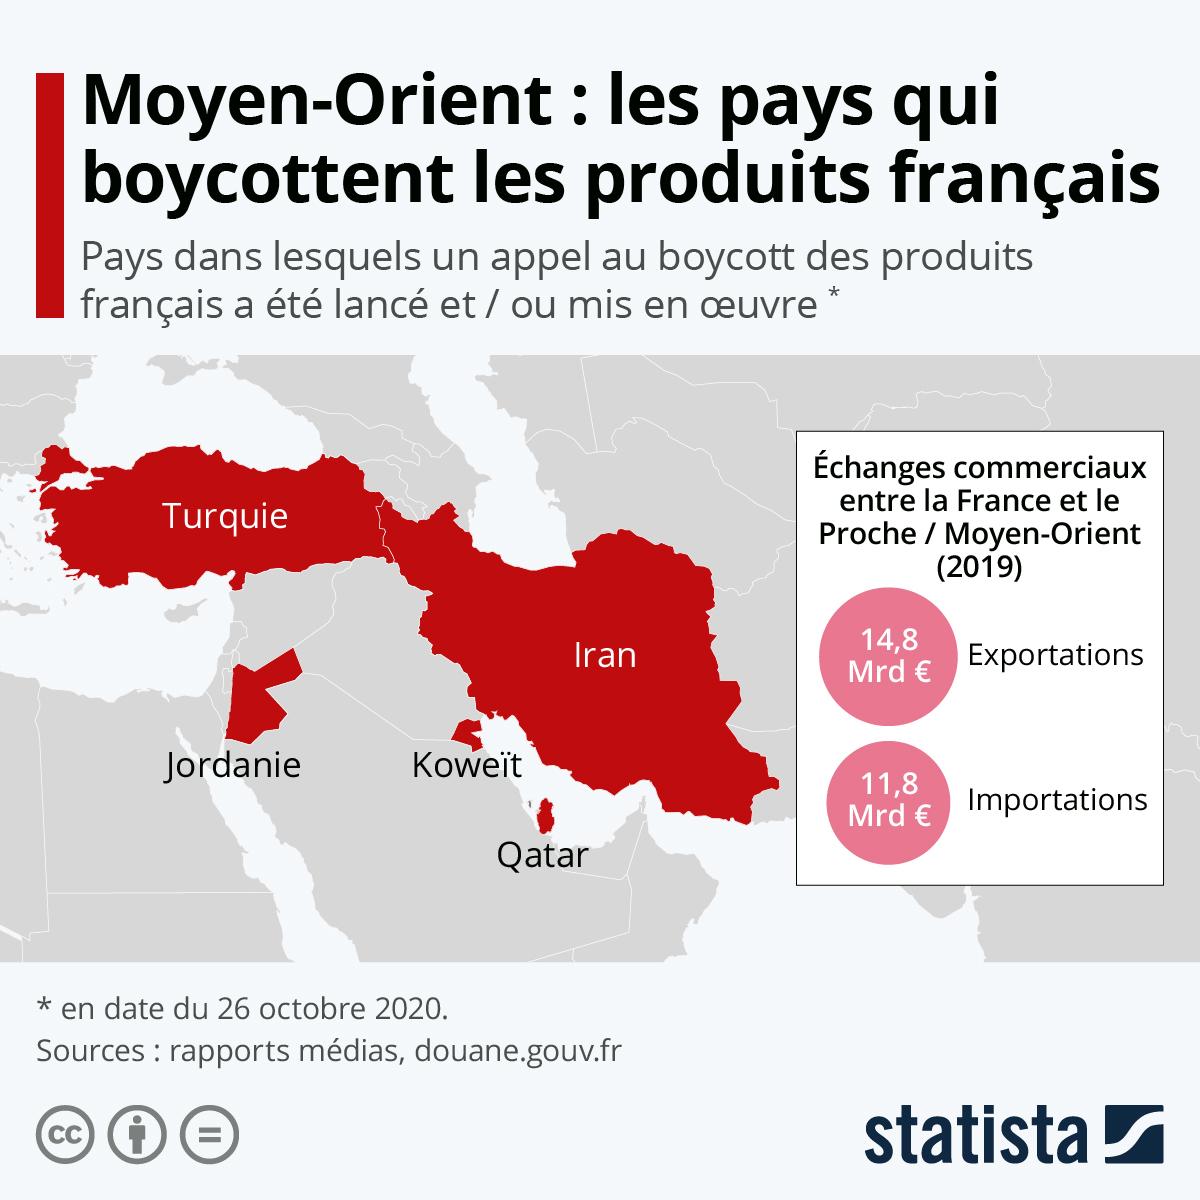 Infographie: Moyen-Orient : appel au boycott des produits français | Statista